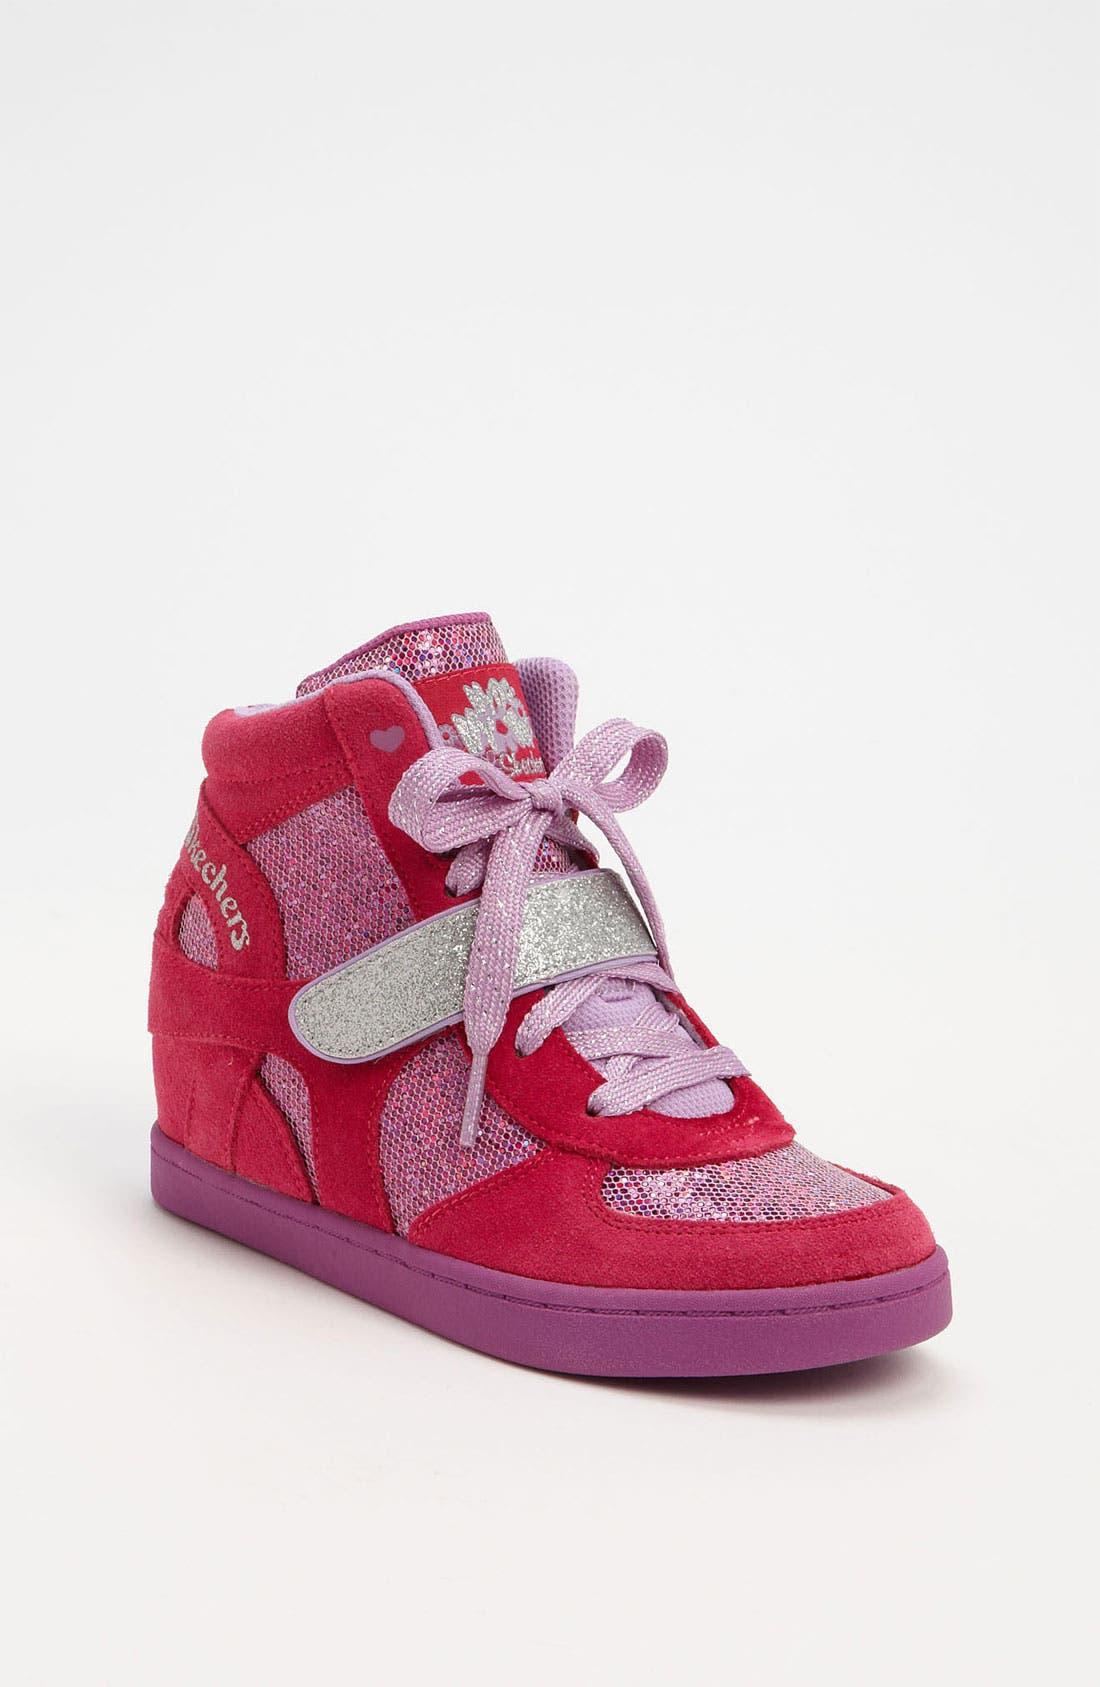 Alternate Image 1 Selected - SKECHERS 'Plus 2' Wedge Sneaker (Little Kid)